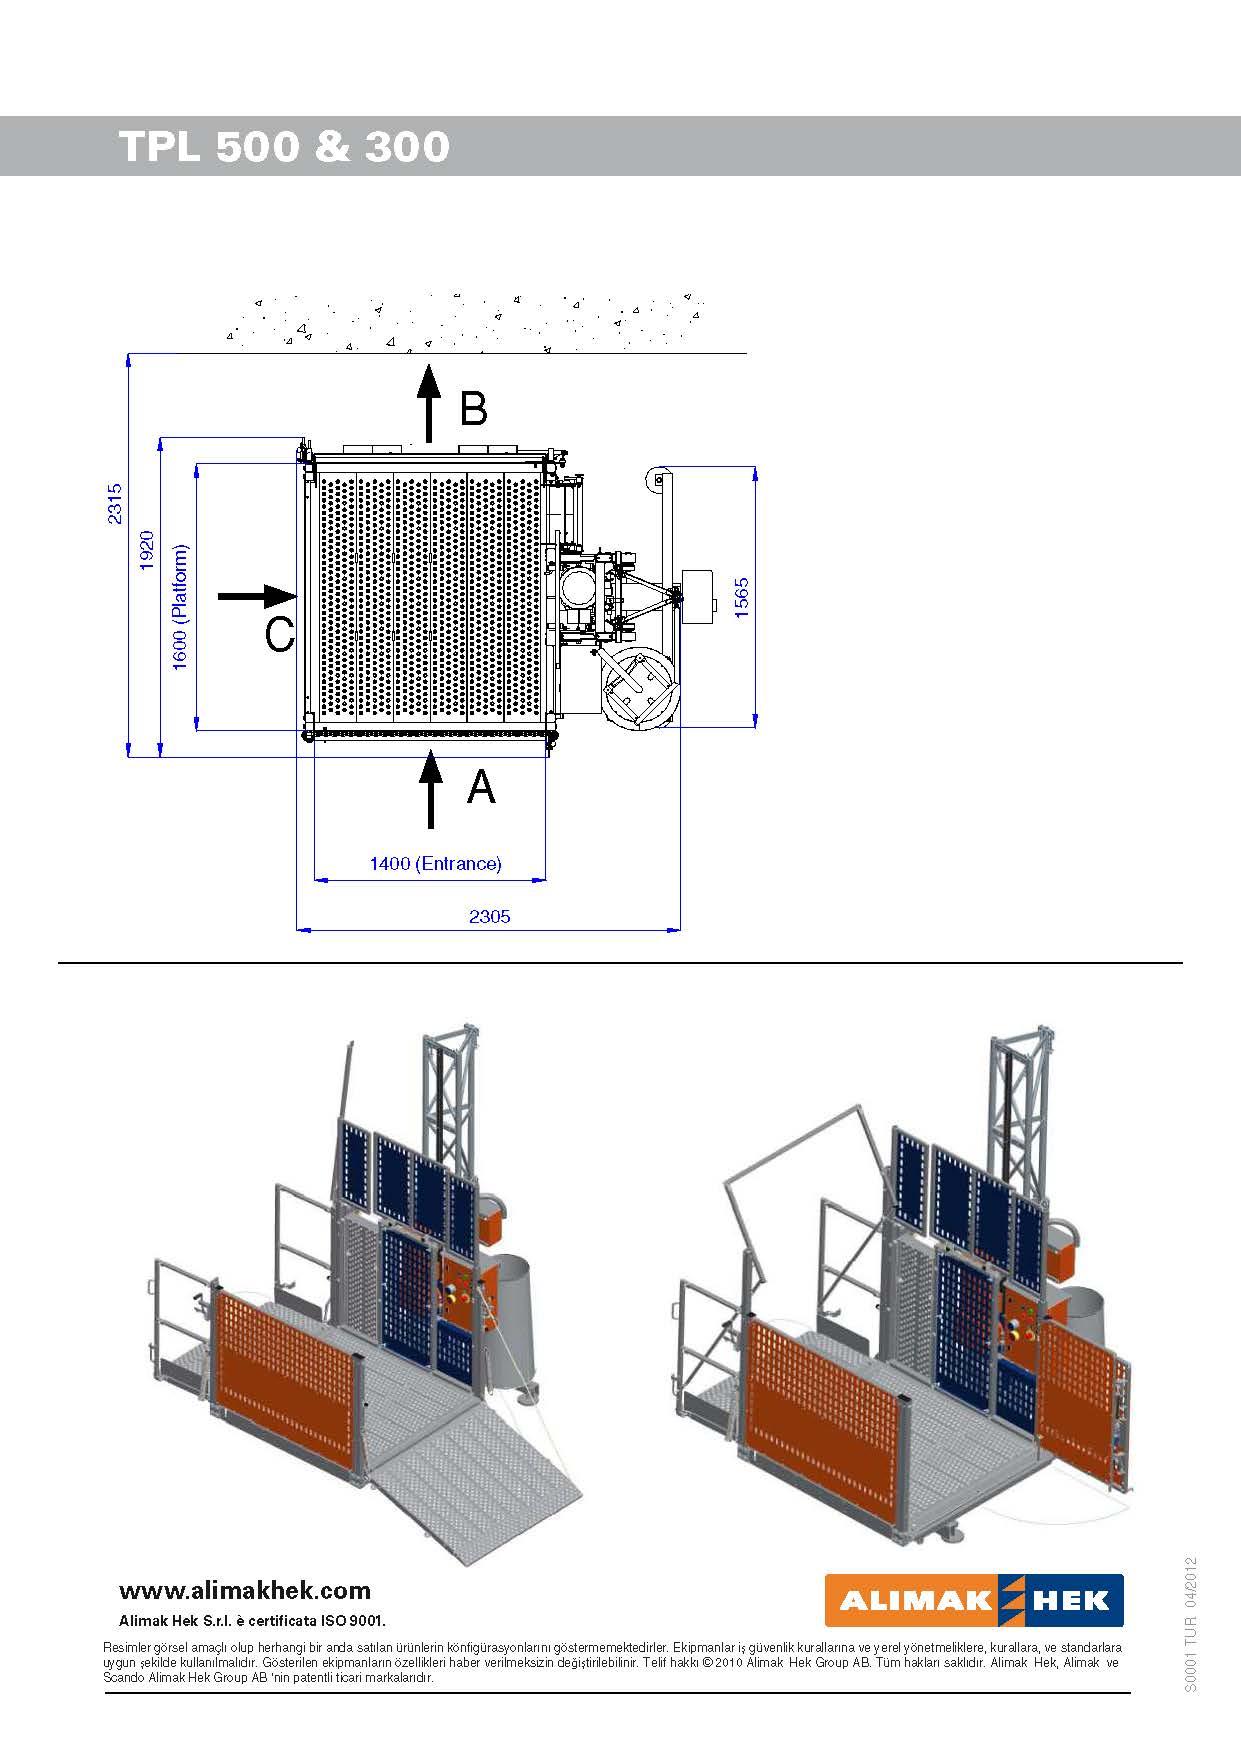 Elevatore da cantiere piattaforma aerea hek tpl 500 for Piani di costruzione della piattaforma gratuiti